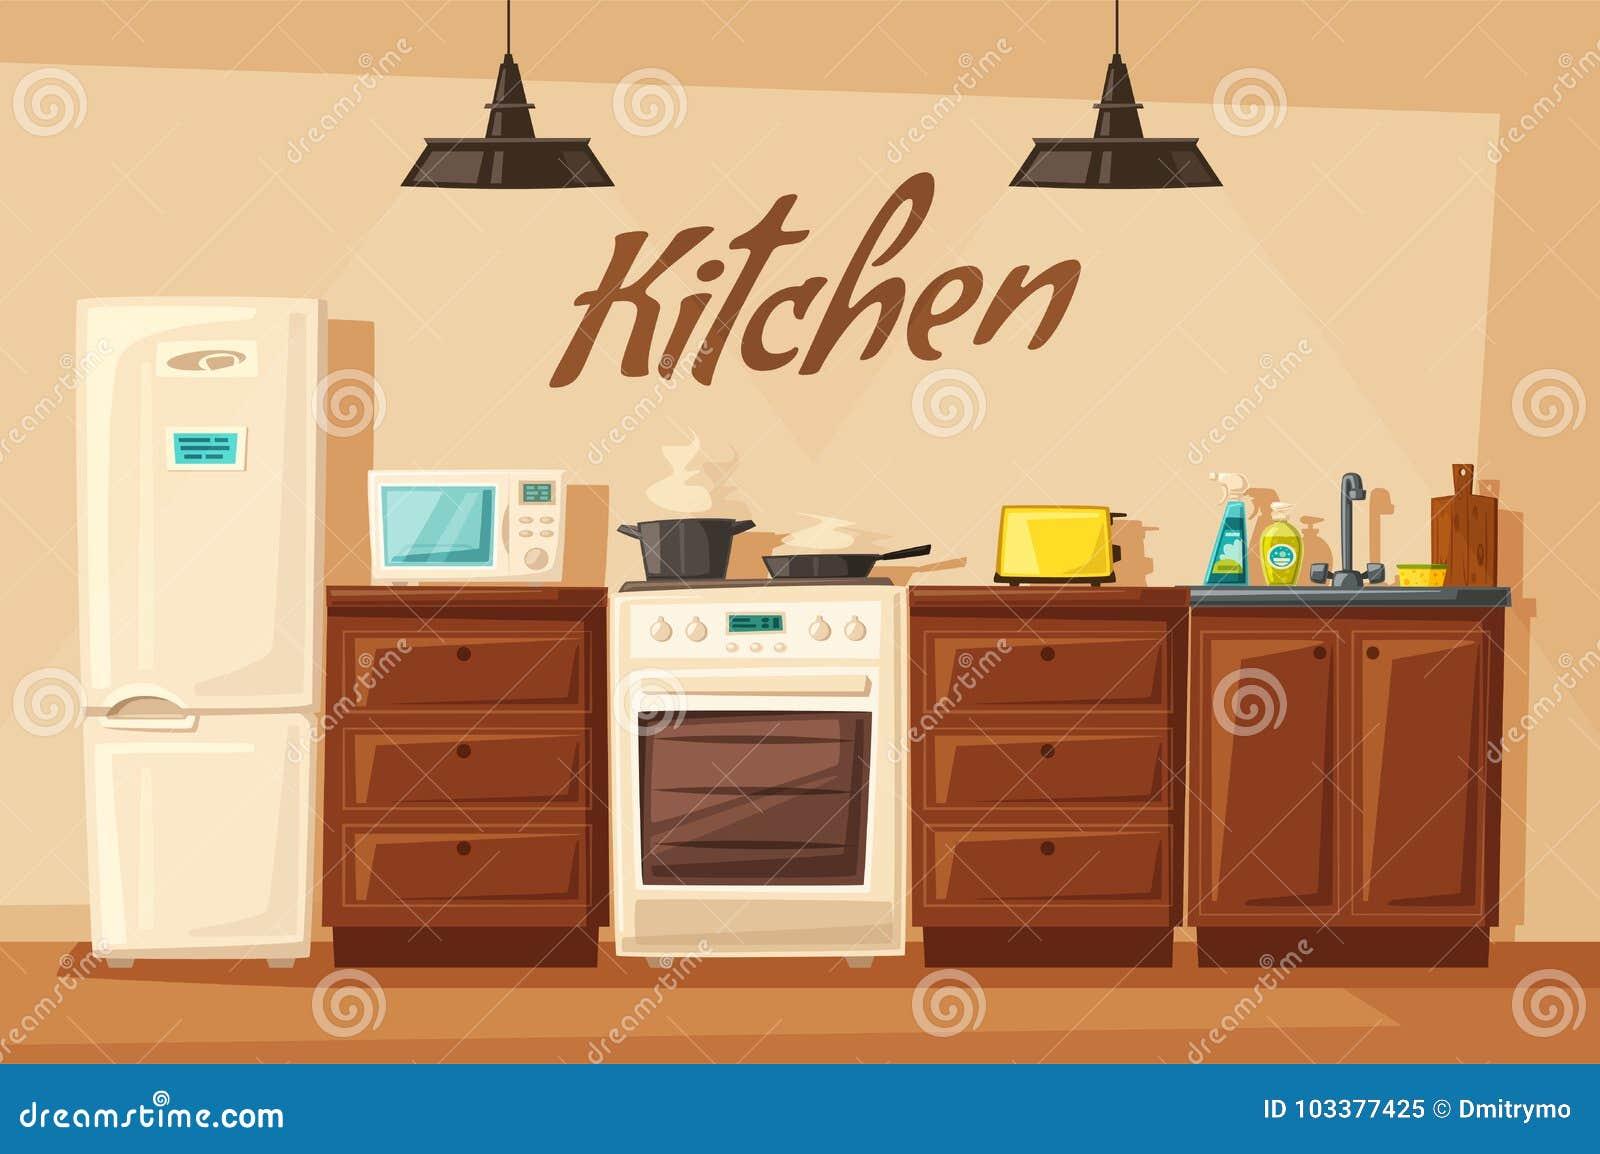 Kitchen Interior With Furniture. Cartoon Vector